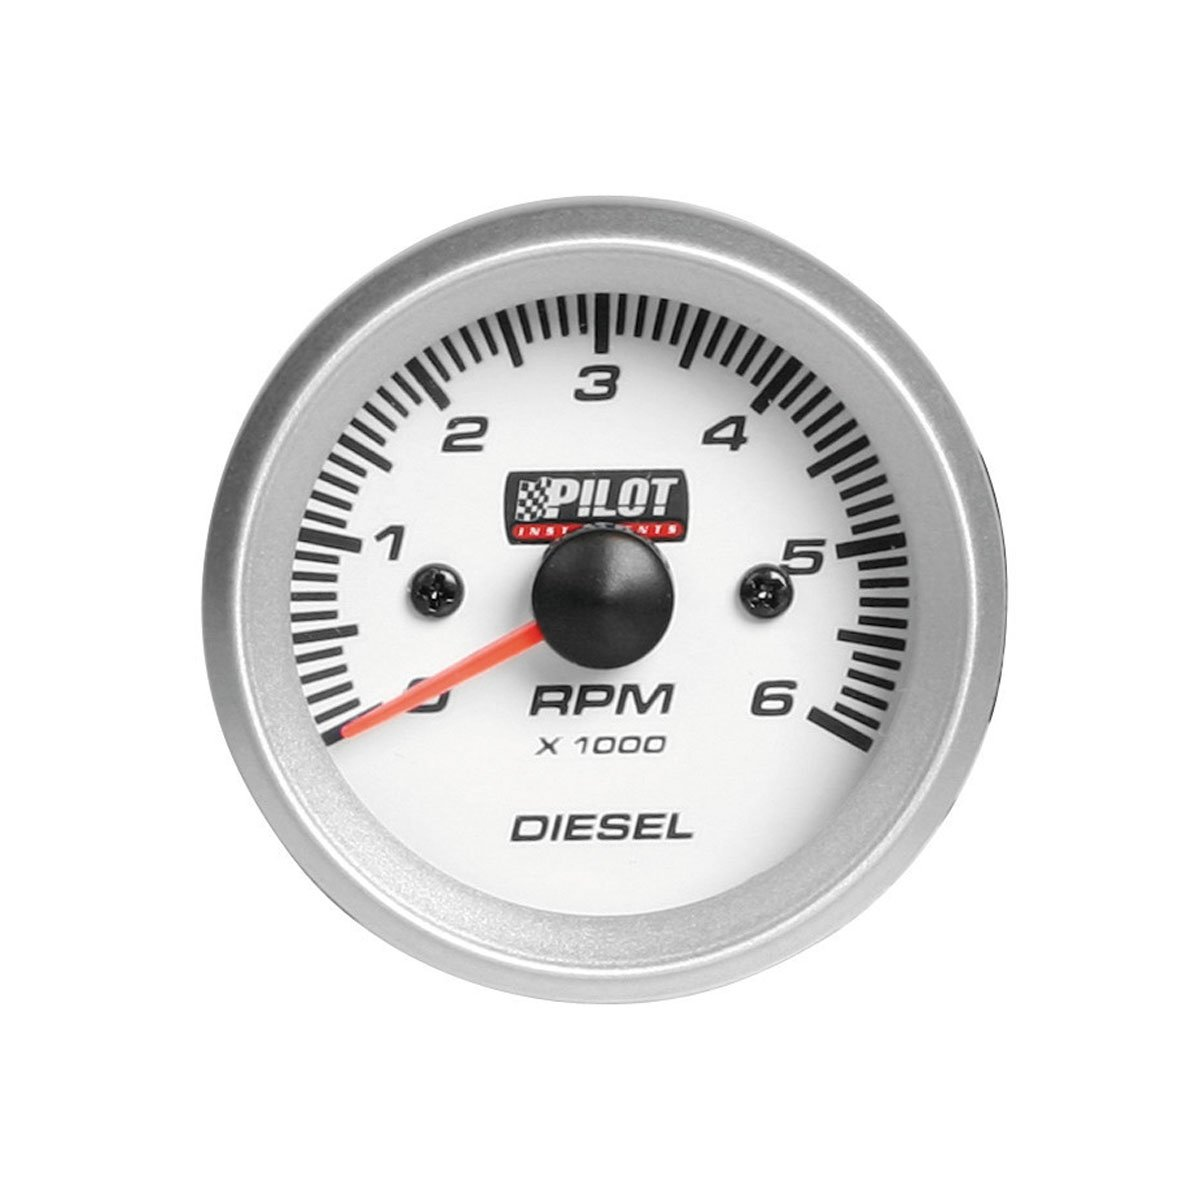 Pilot LA_10028 Compte-tours pour moteurs diesel 0-6000 tr/min